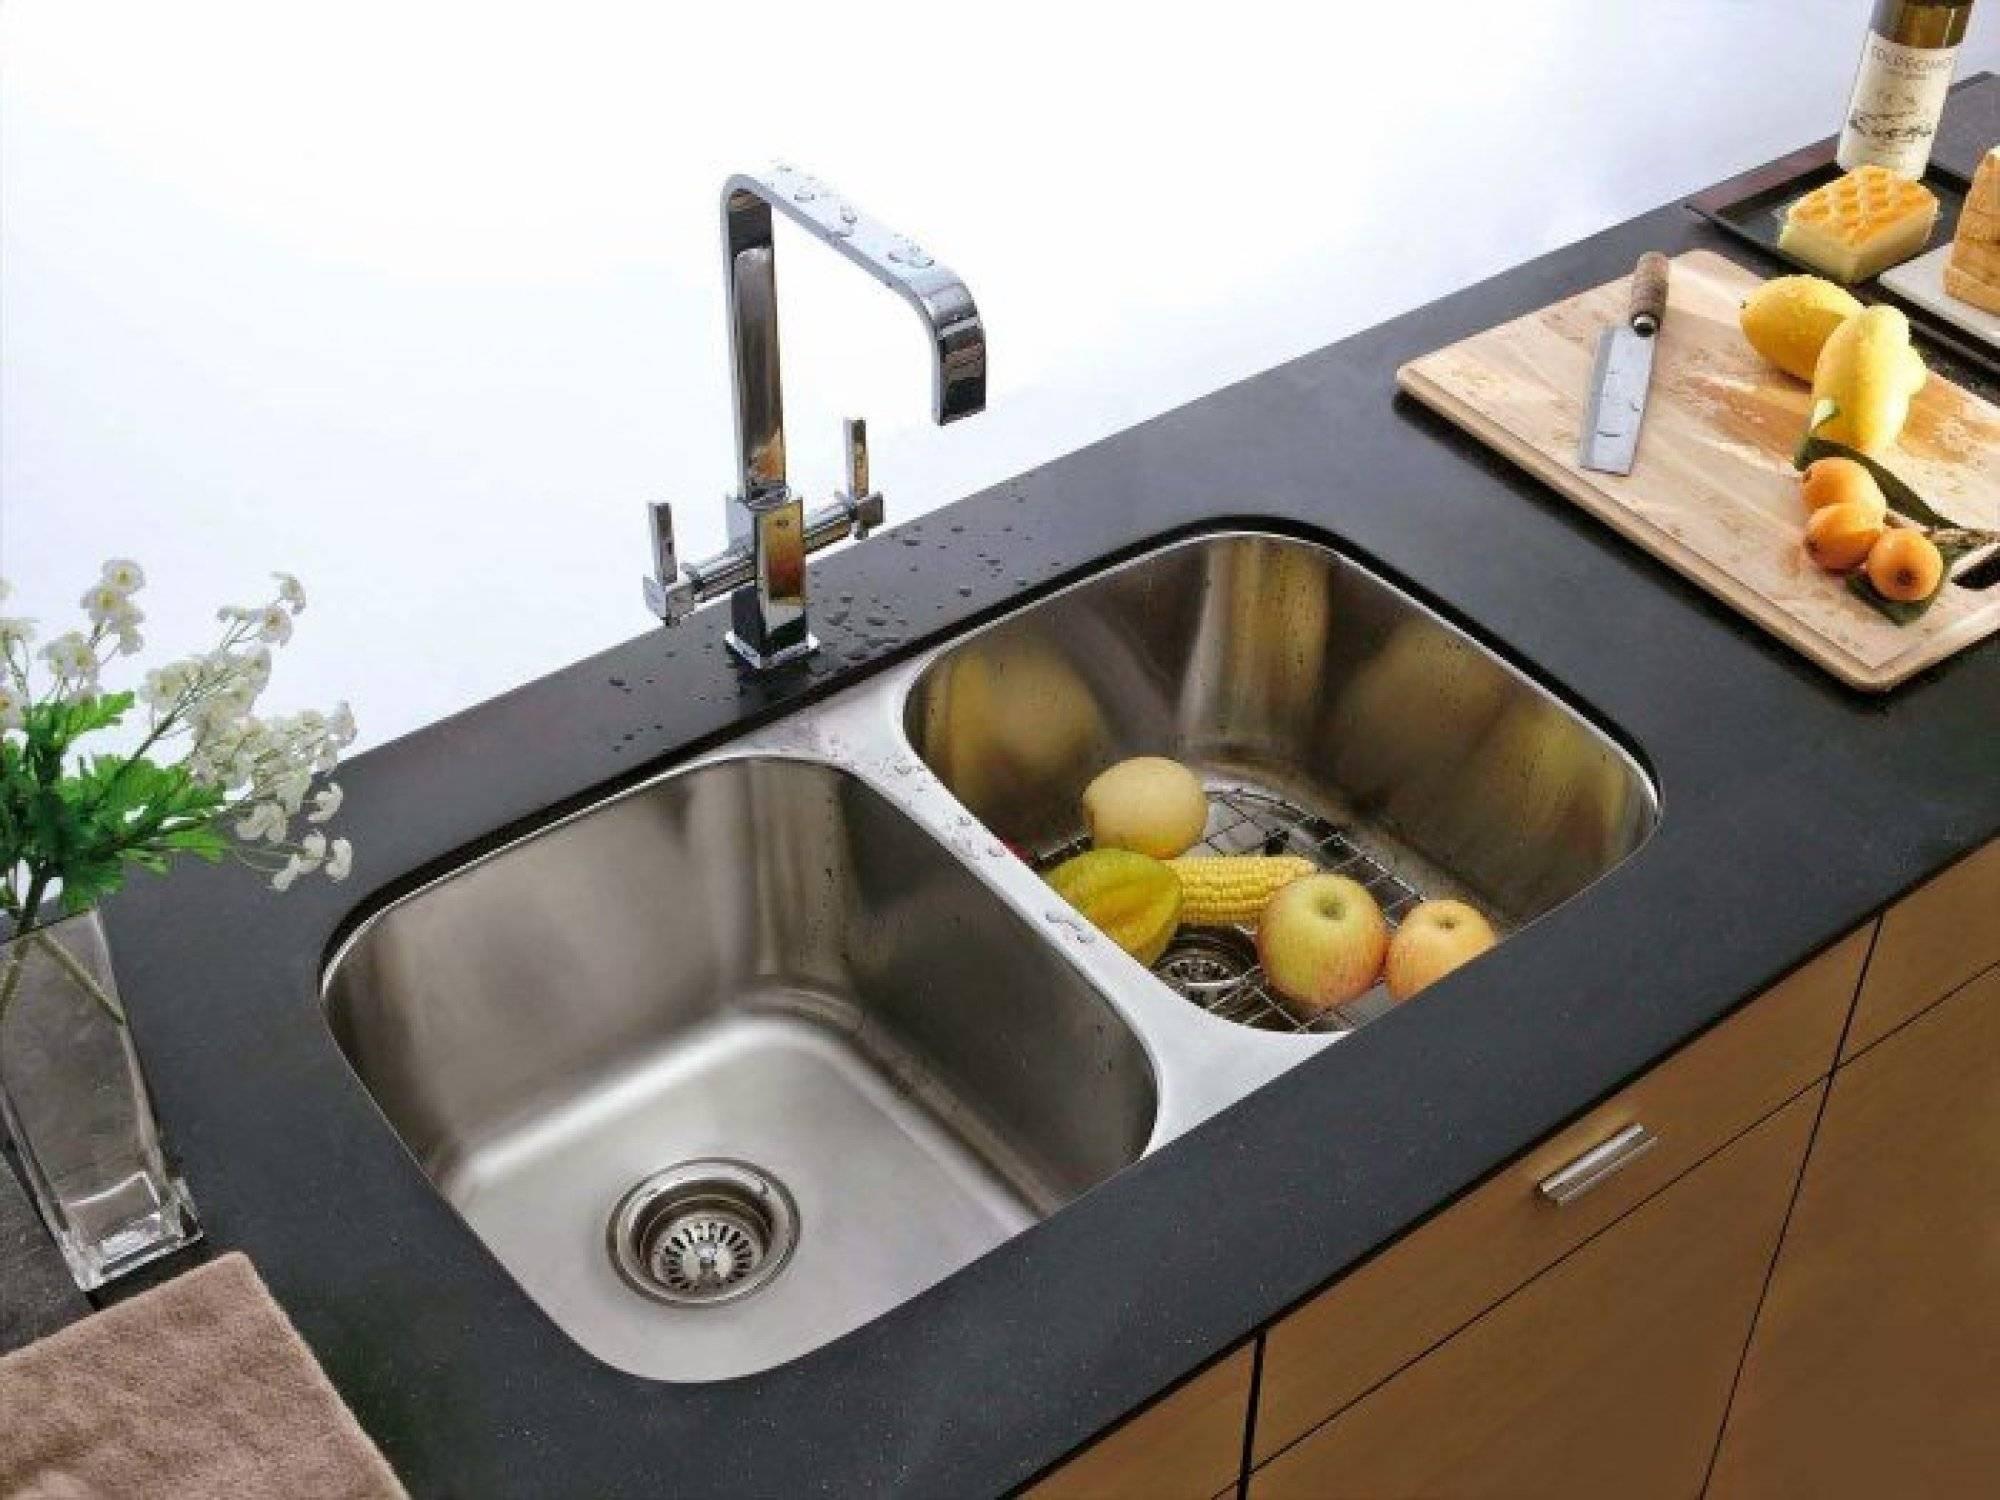 Мойки для кухни из искусственного камня - как правильно выбрать каменная раковина на кухню - как подобрать размеры моек из искусственного камня, какая мойка лучше нержавейка или искусственный каменькухня — вкус комфорта